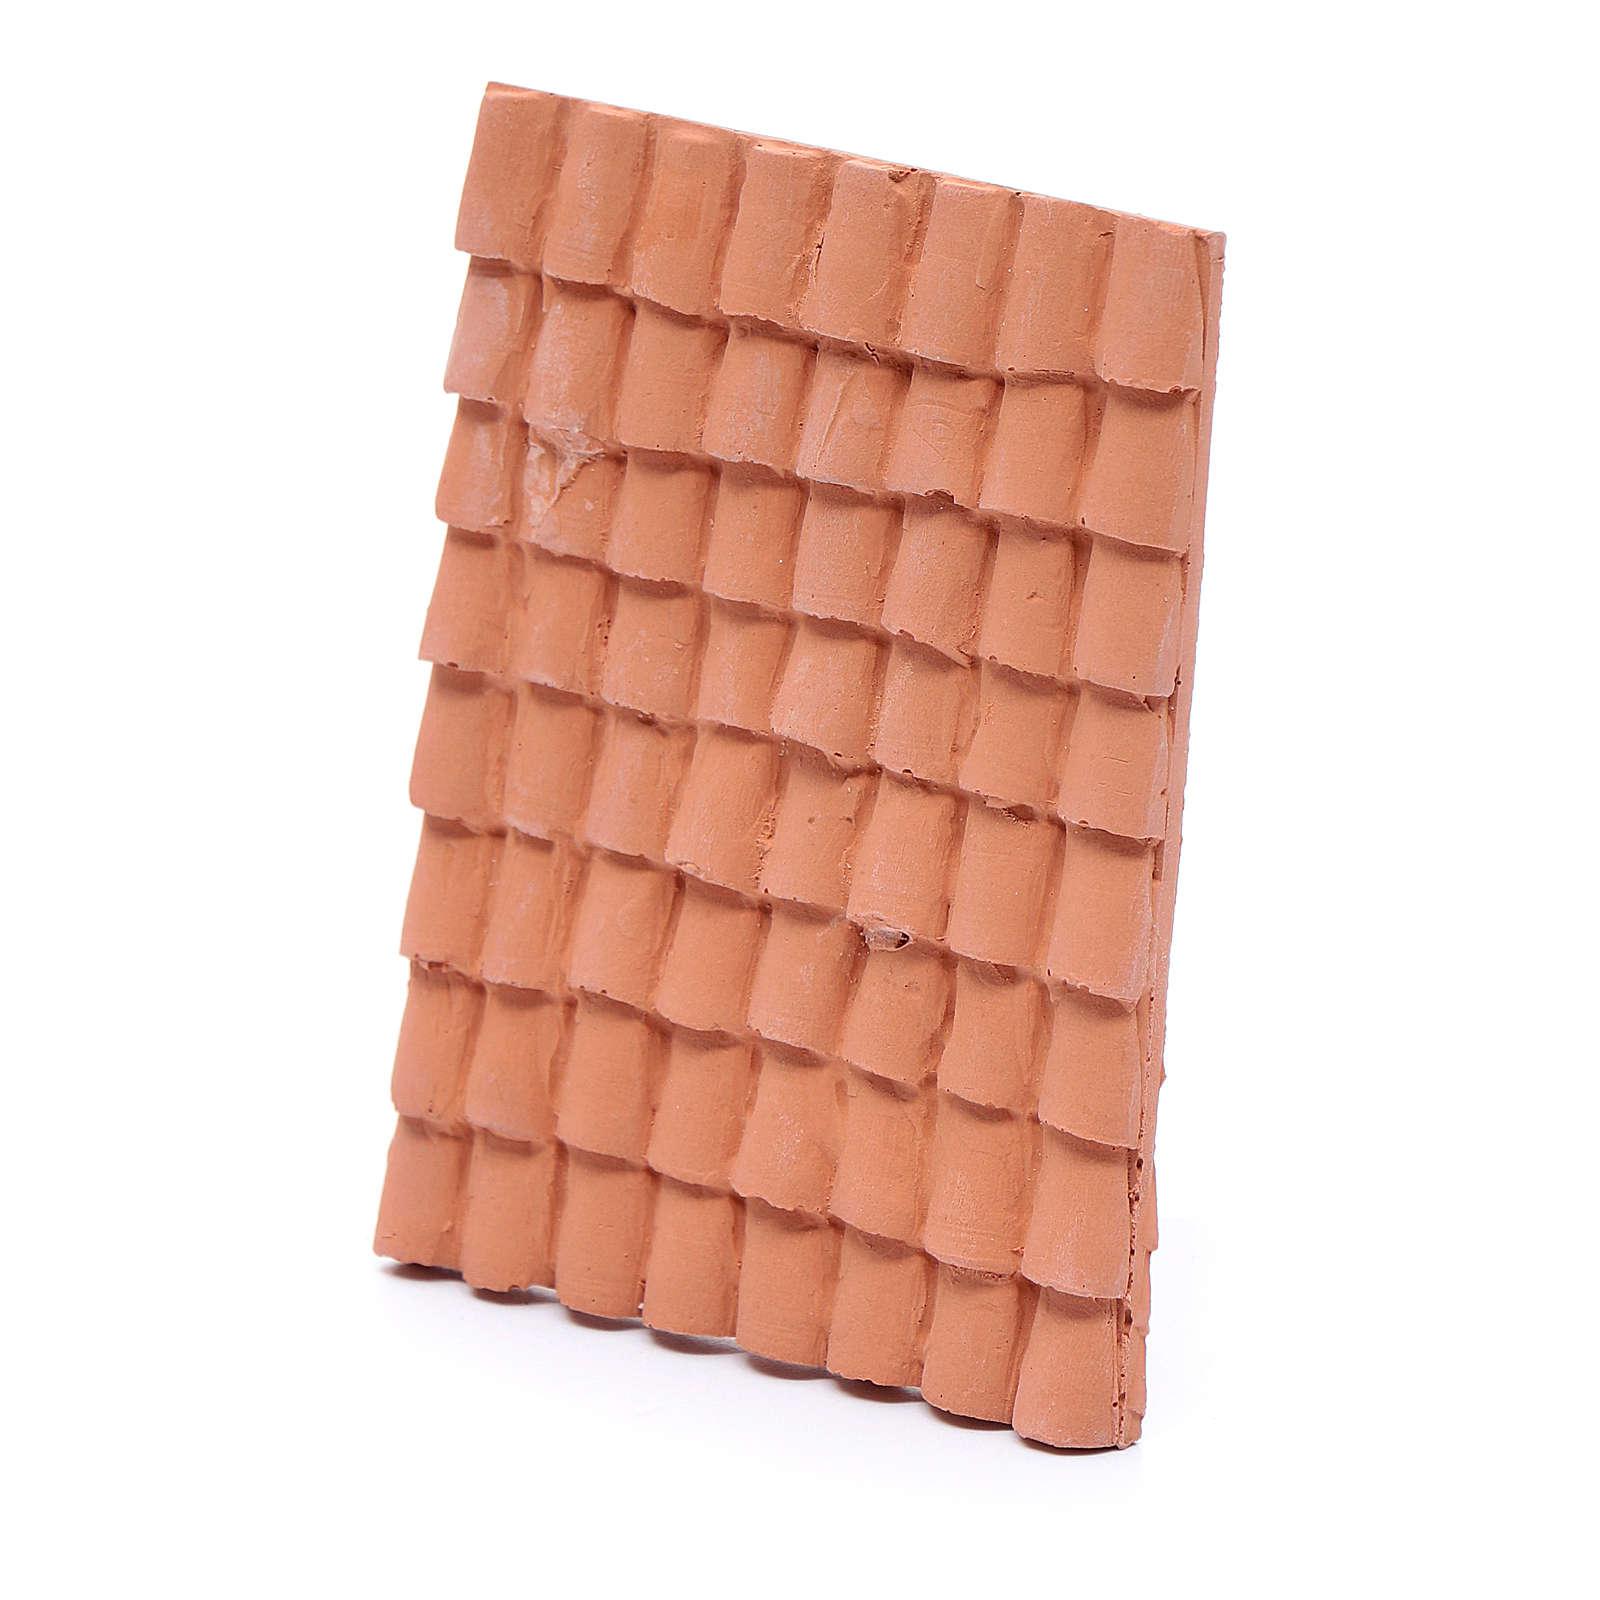 Tetto con coppi 10x5 cm resina color terracotta presepe 4